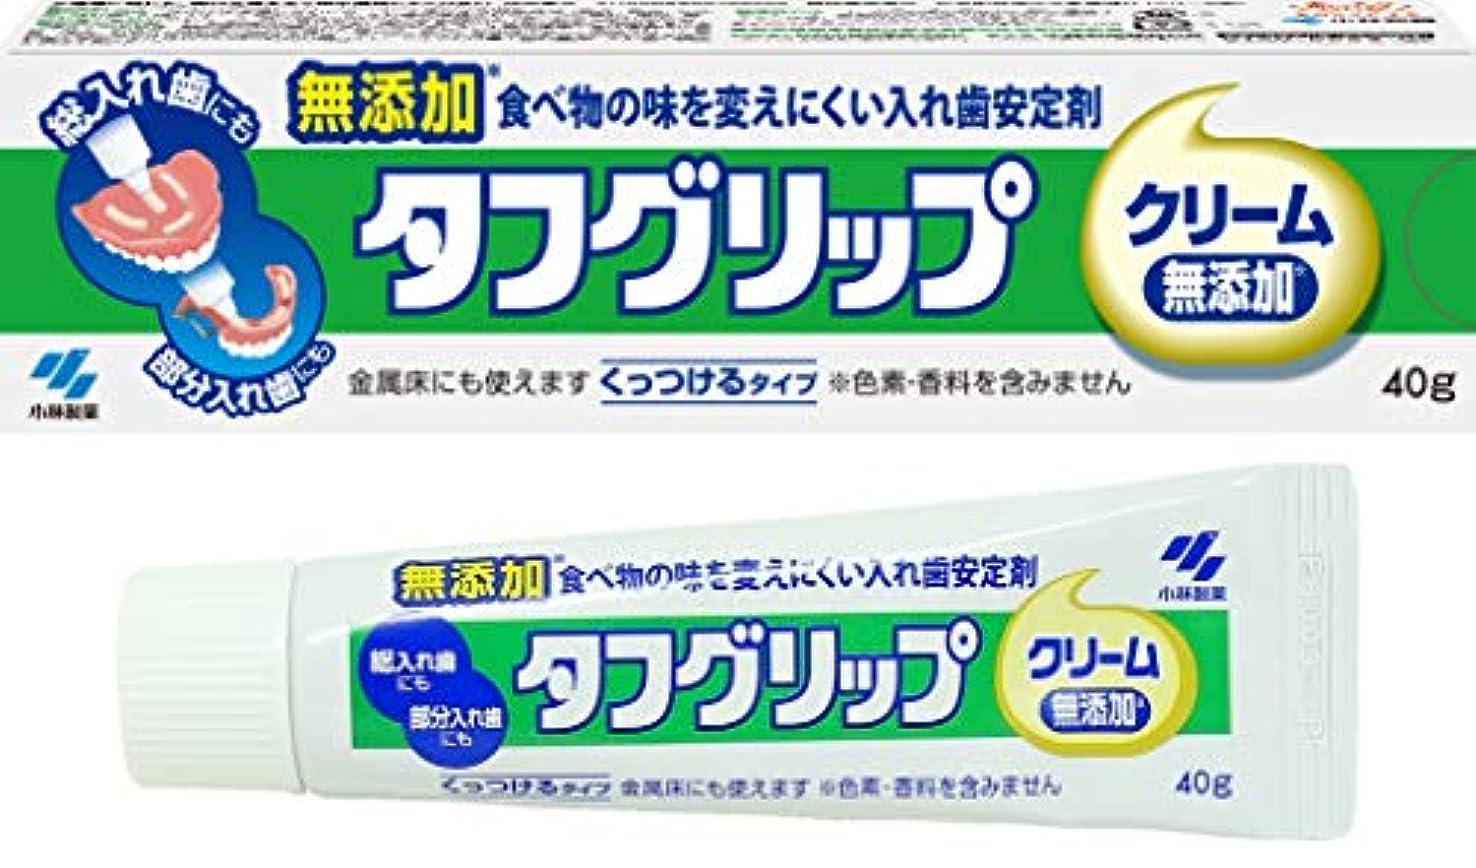 体系的に収まる効果タフグリップクリーム 入れ歯安定剤(総入れ歯?部分入れ歯) 無添加 40g